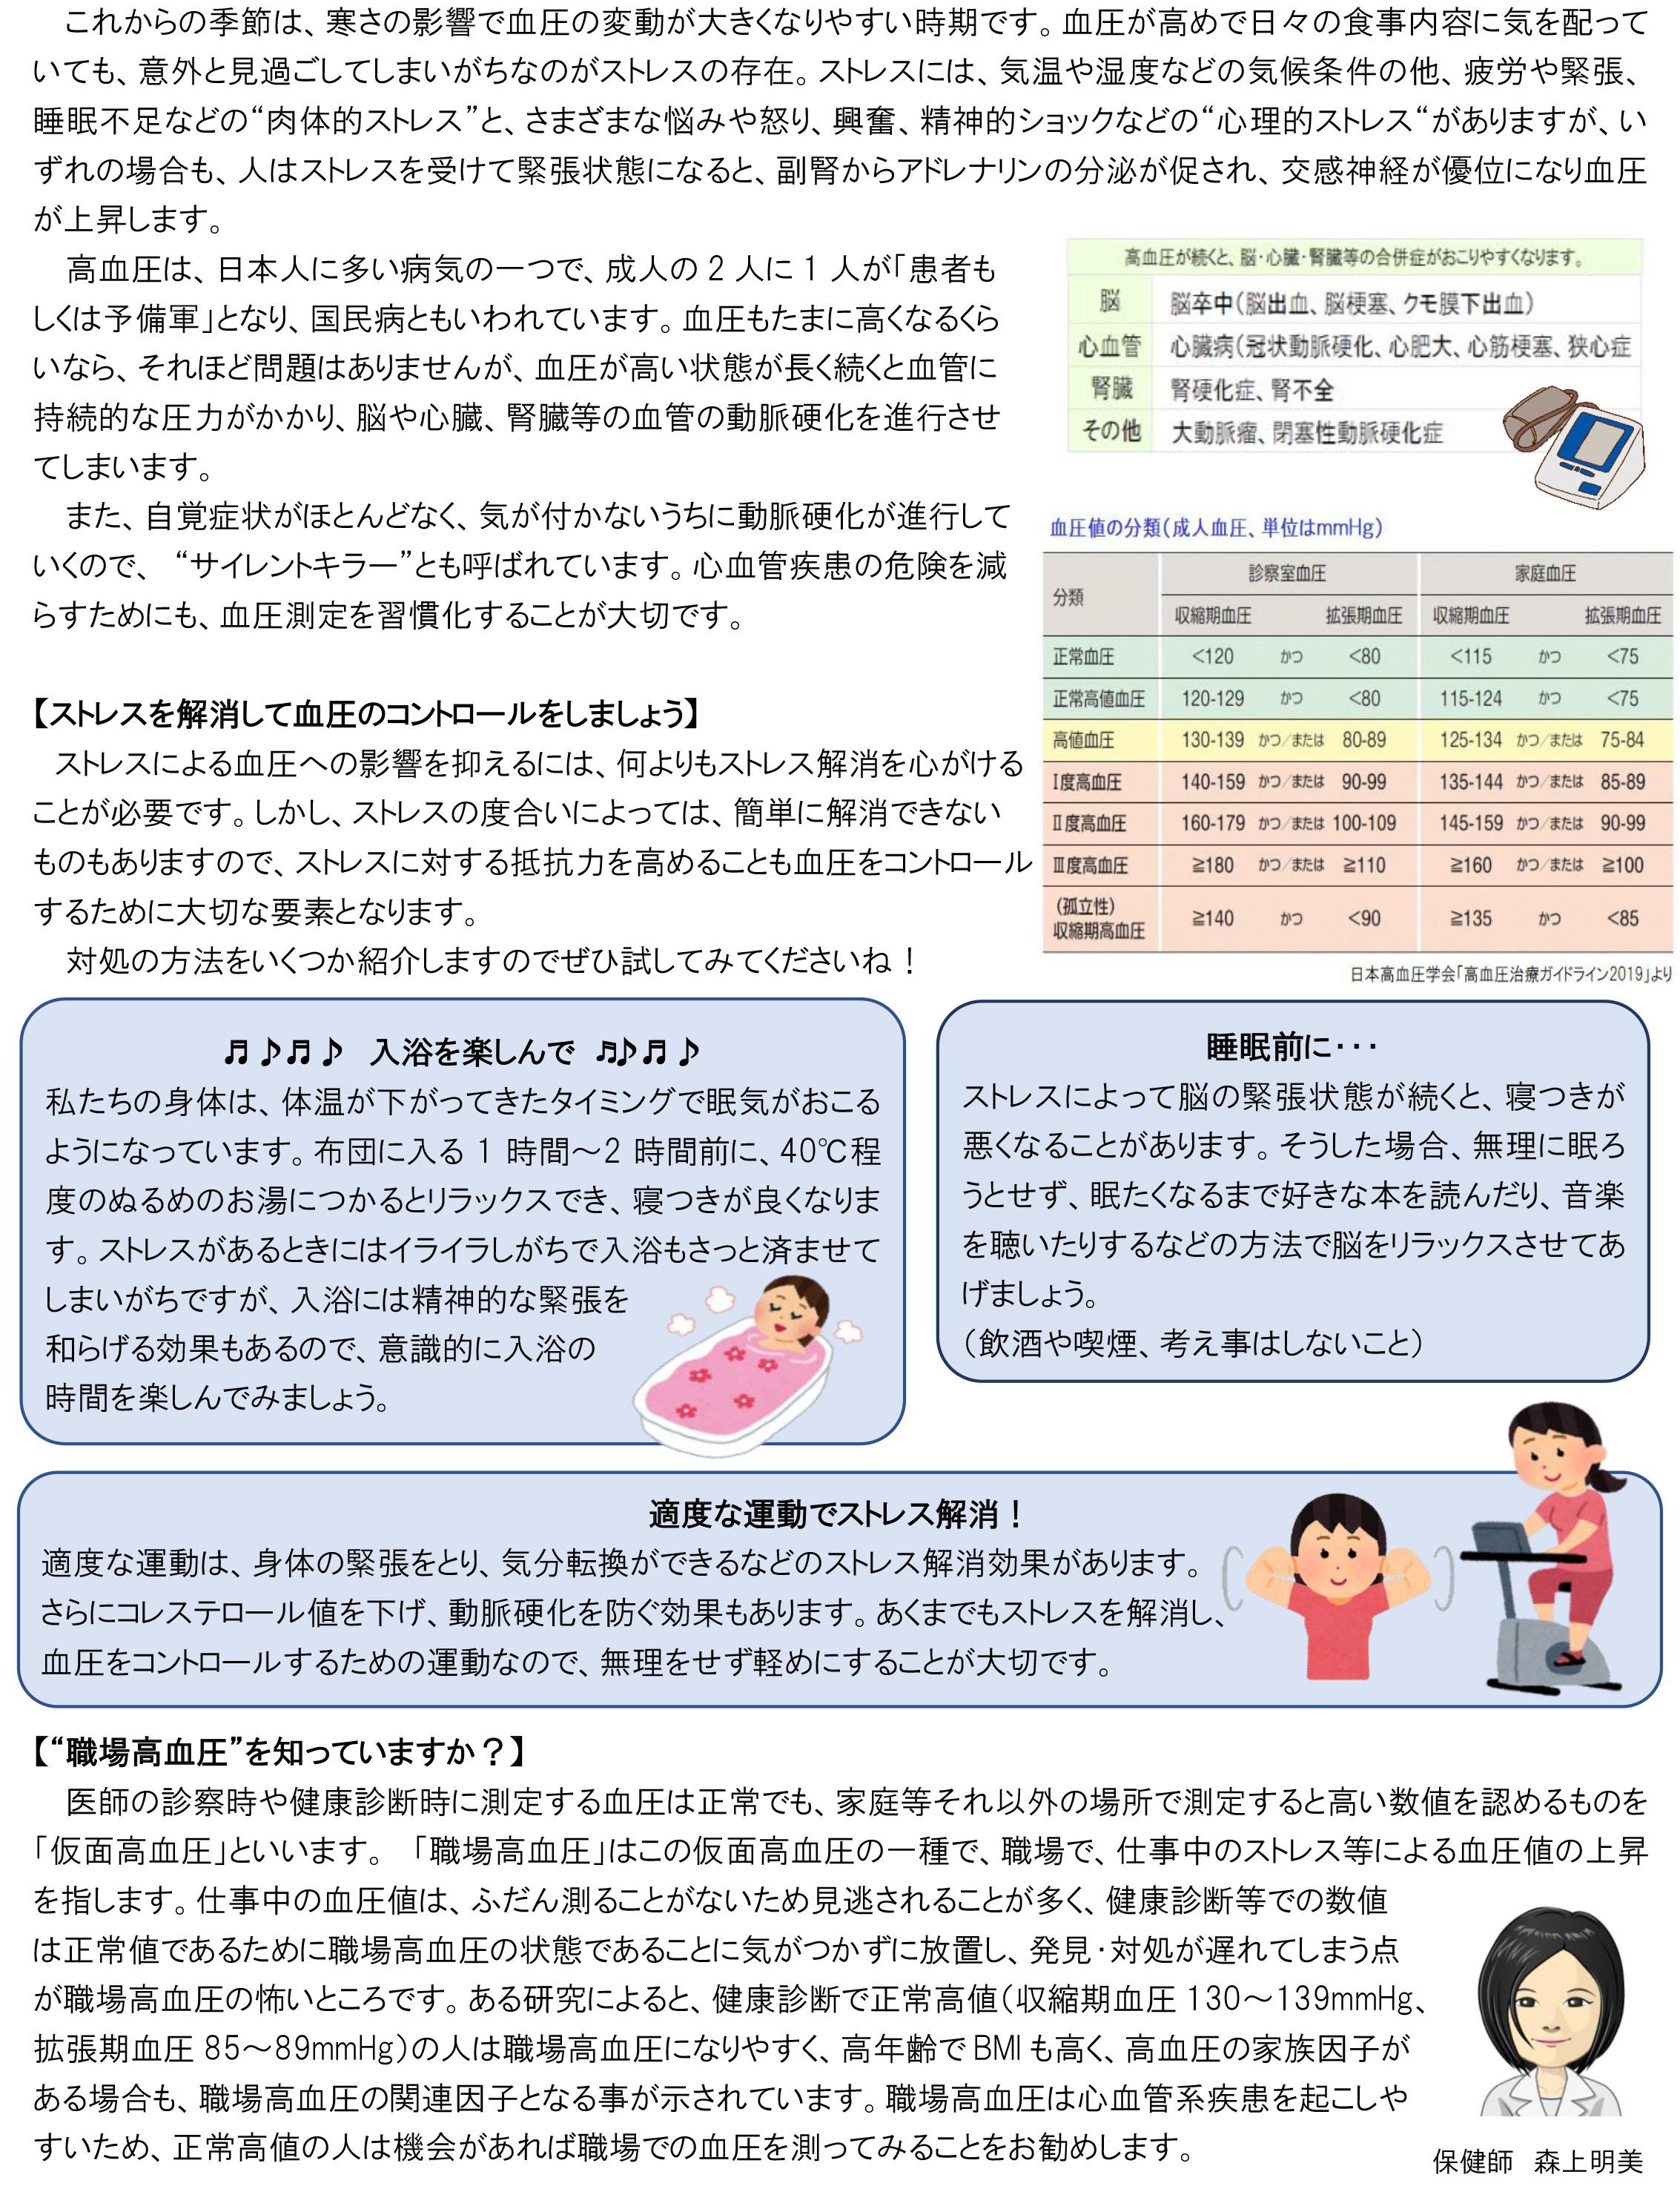 ストレスと高血圧